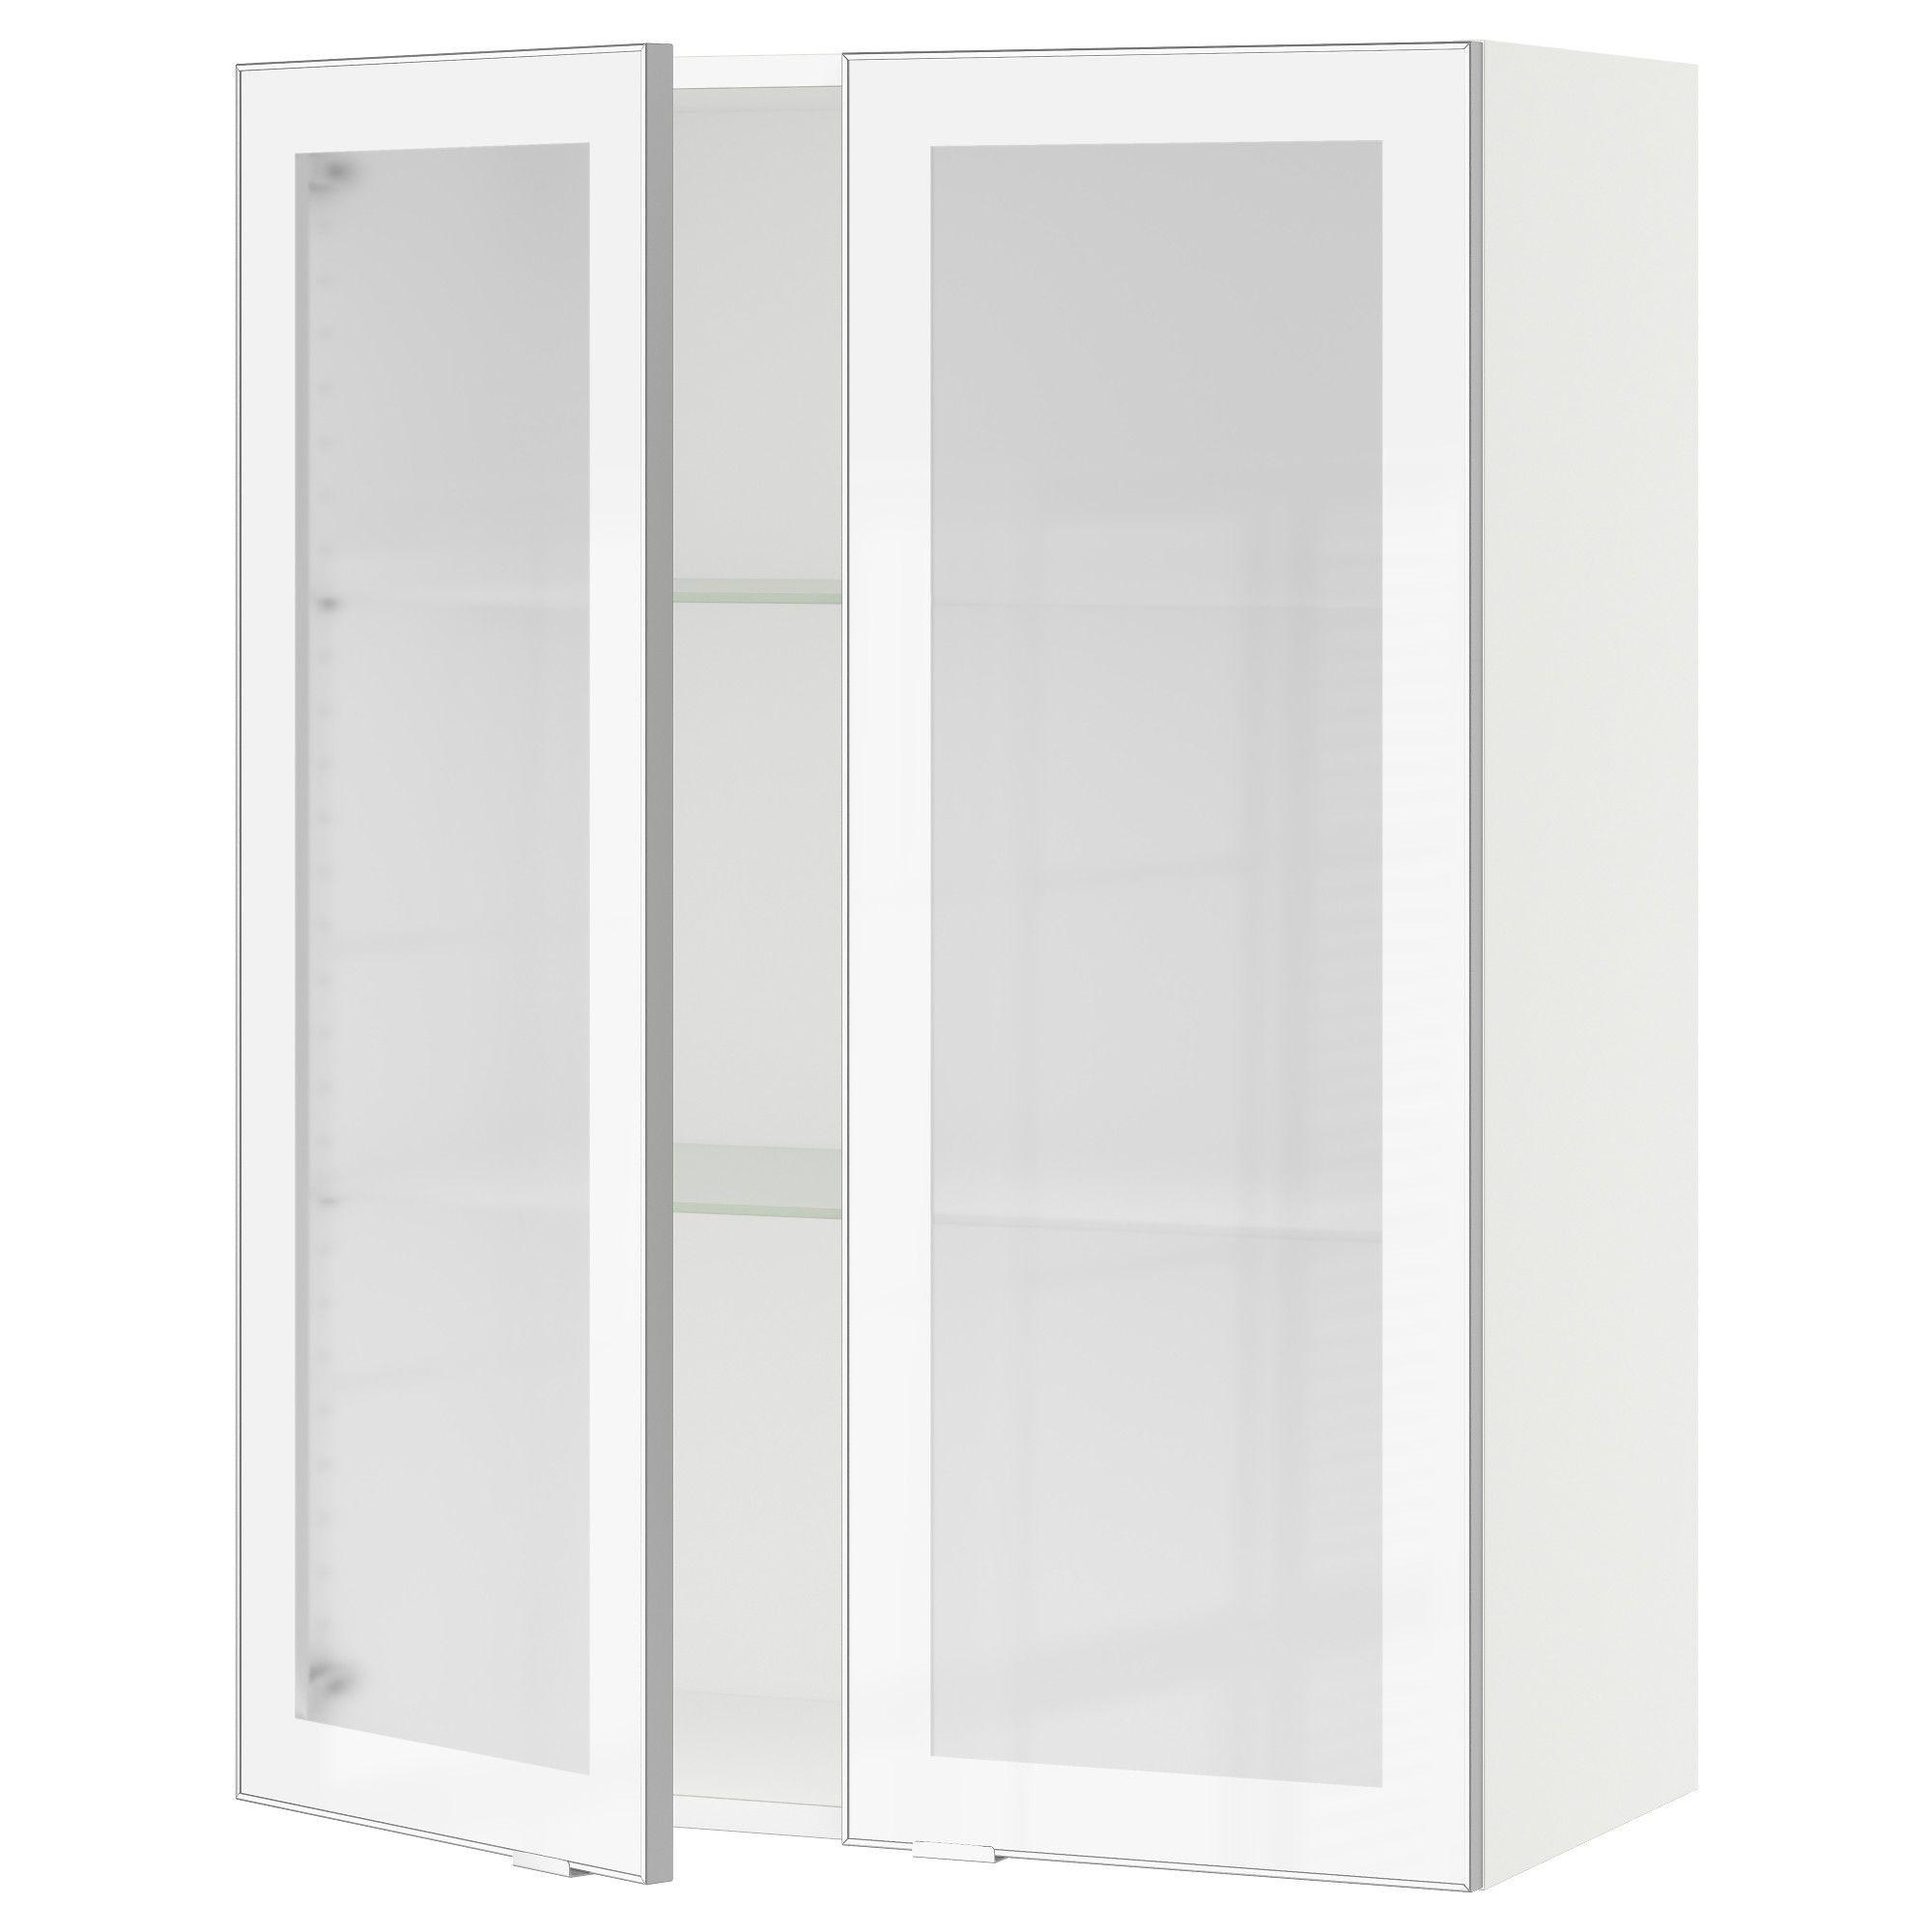 Wood French Doors Interior Glassdoor 6 Foot Interior French Doors Glass Door Wall Cabinet Frosted Glass